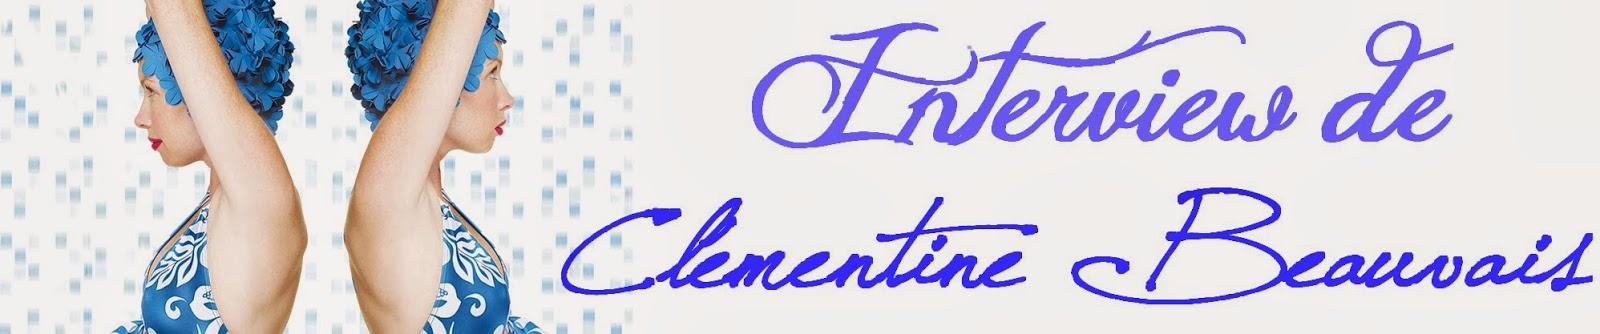 http://lesouffledesmots.blogspot.fr/2014/03/interview-de-clementine-beauvais.html